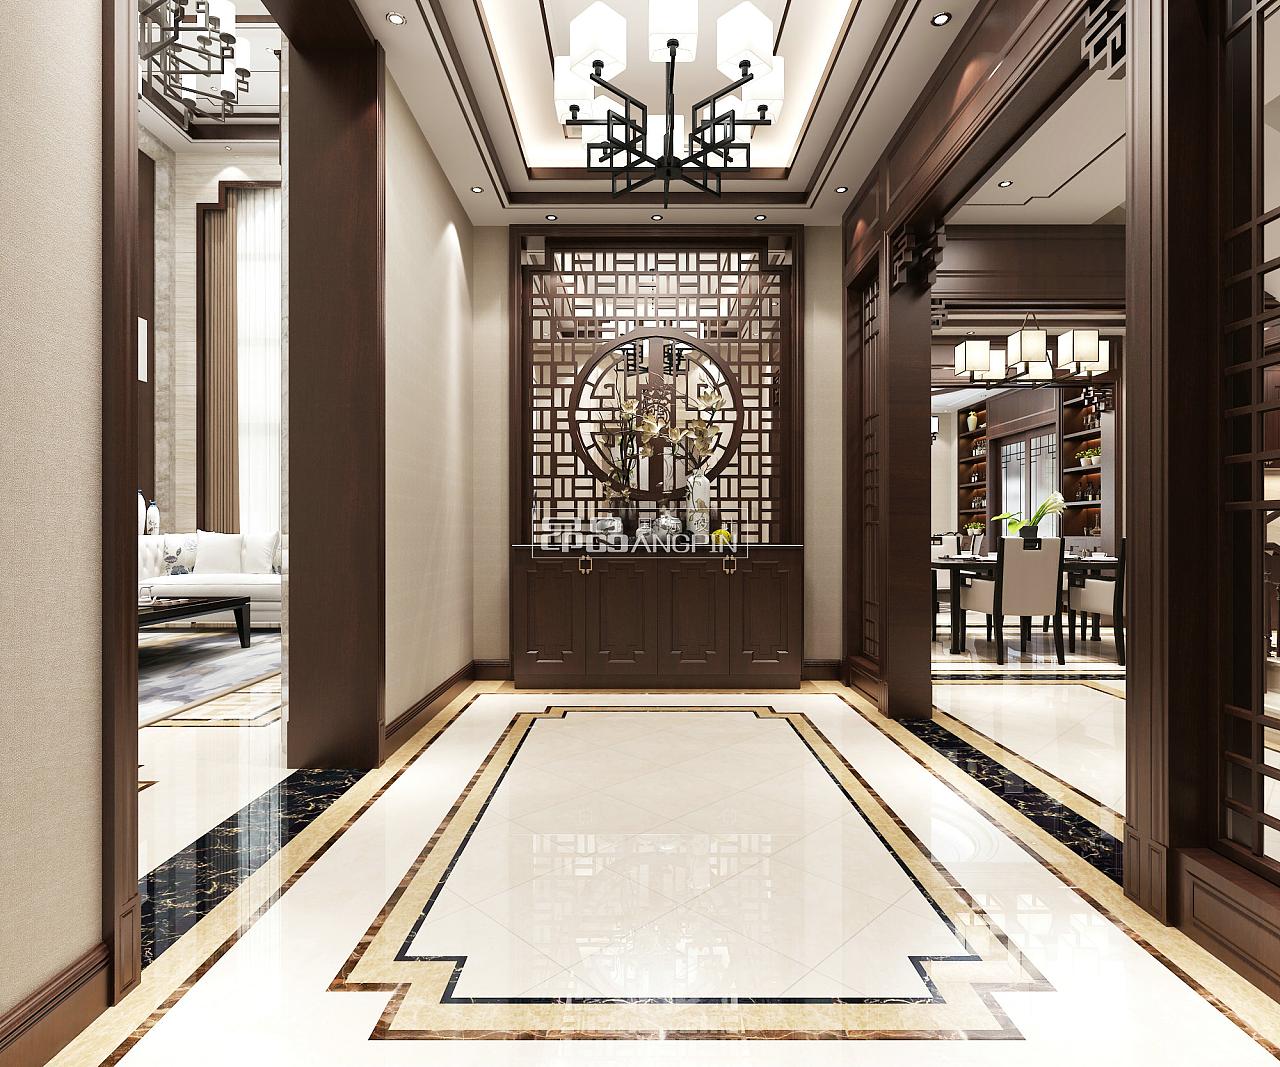 阳乐湾风格600平米联排别墅,新中式国际v风格案北京ui设计公司排行榜图片